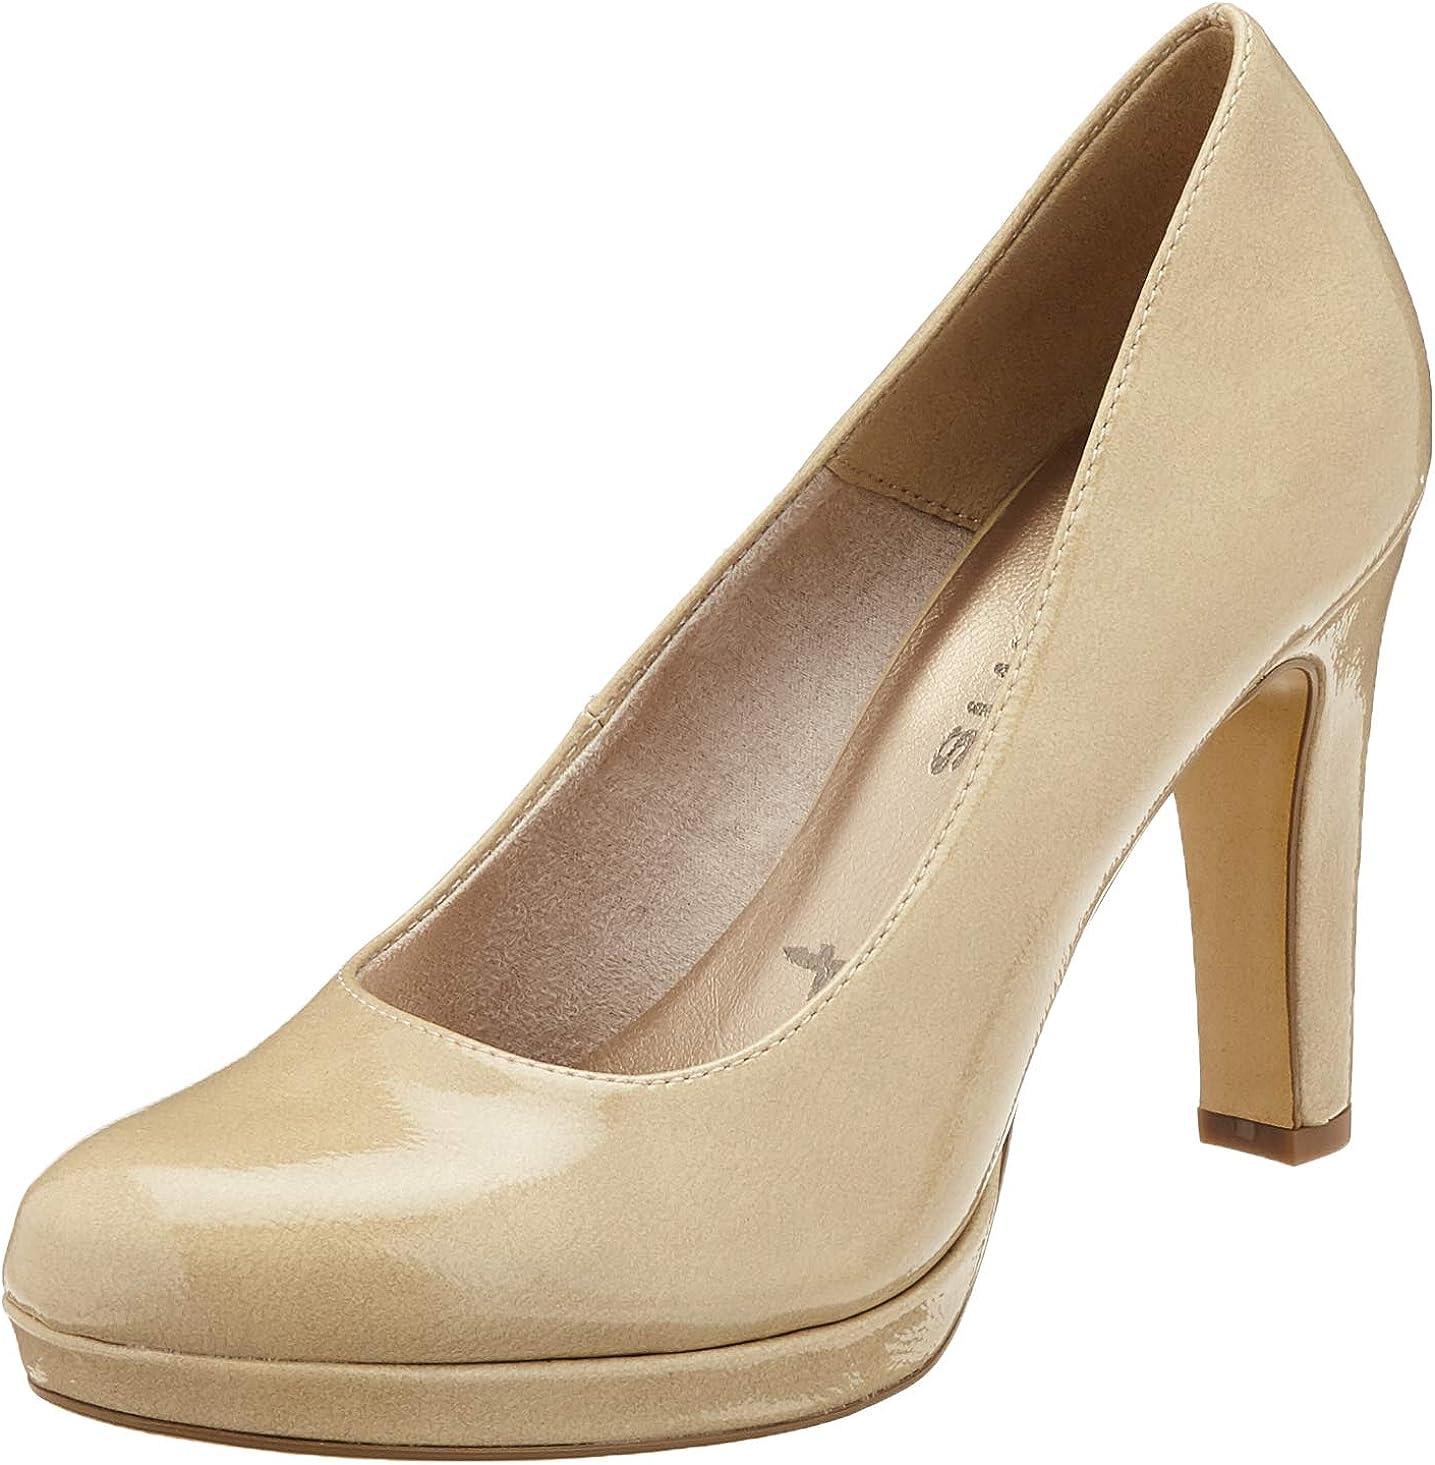 Tamaris 1-1-22426-24 428, Zapatos de Tacón para Mujer